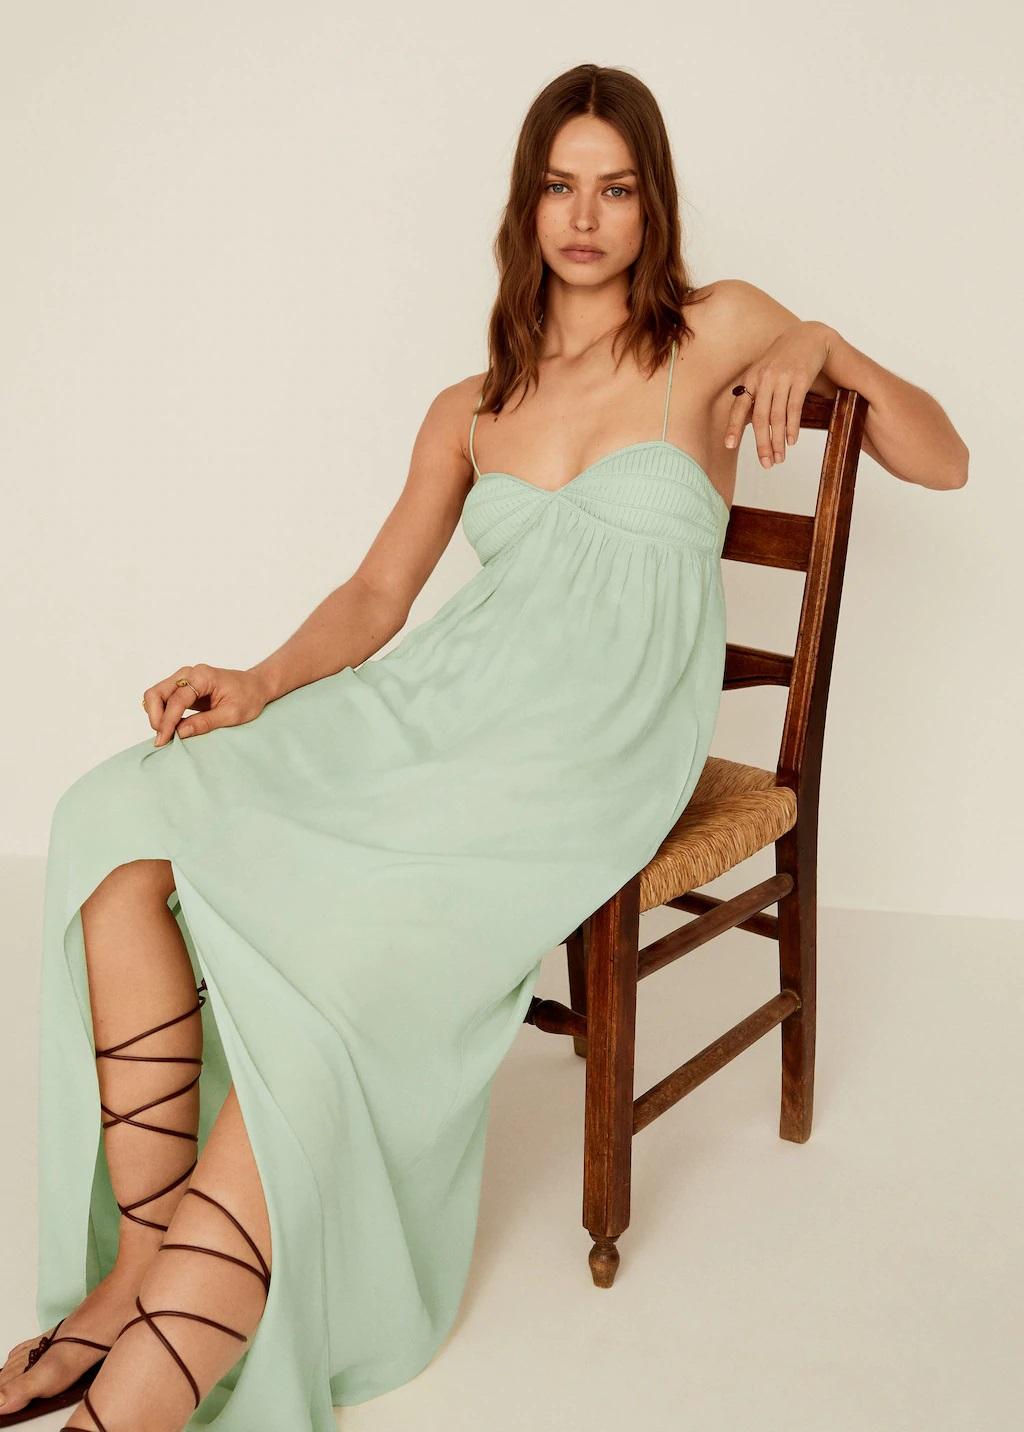 Mery Turiel tiene el vestido largo de Mango rebajado digno de una diosa griega que resalta el bronceado